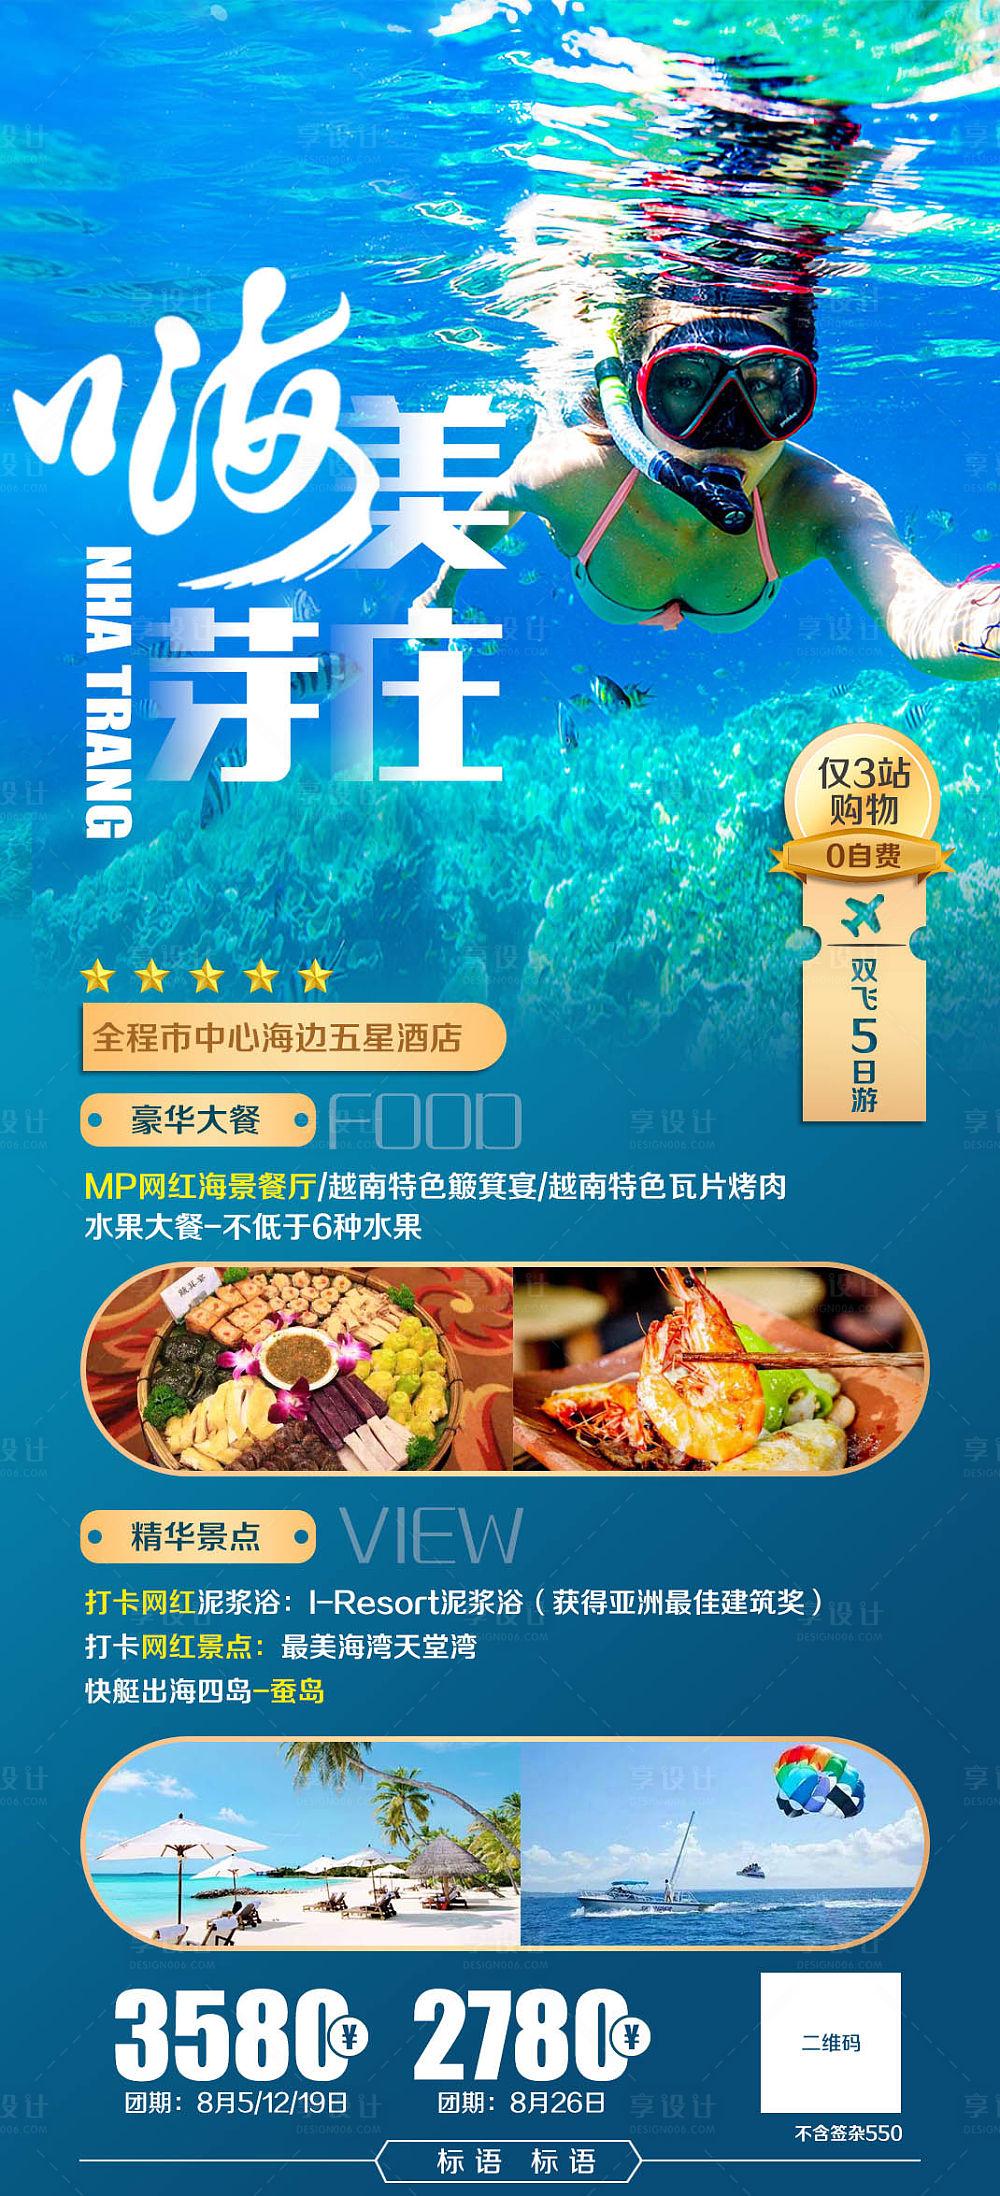 【源文件下载】 海报 越南 芽庄 旅游 潜水 蓝金